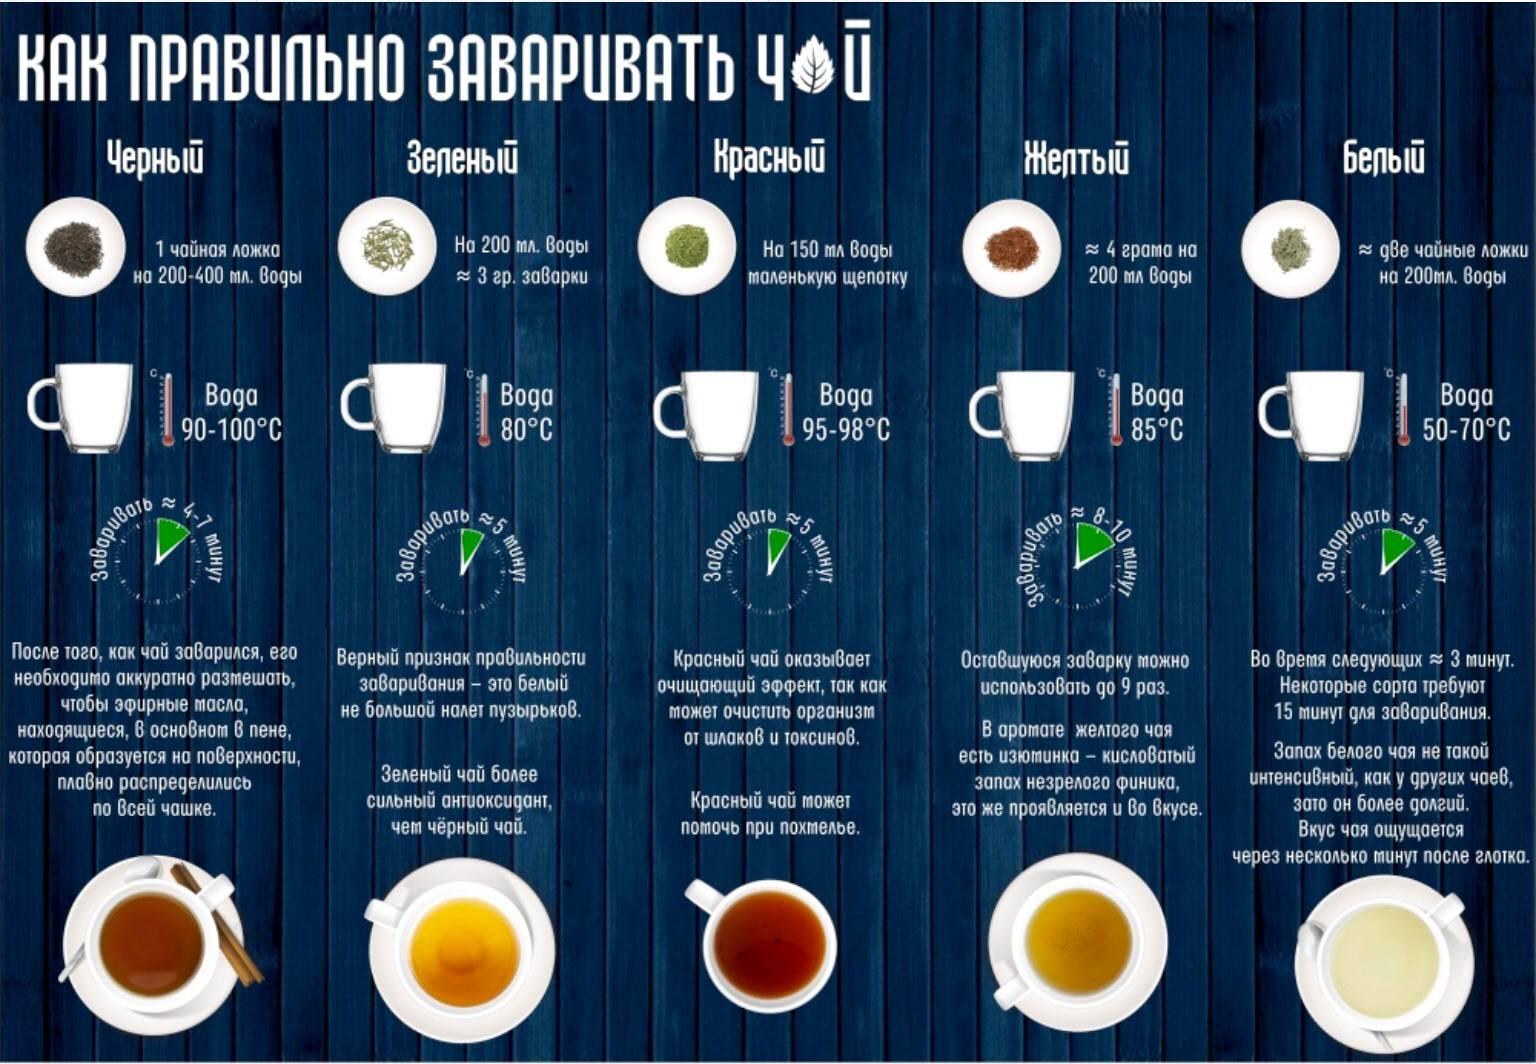 Как правильно выбрать лучший чай: рейтинг популярных сортов. крупный лист, высший сорт? экспертиза чая